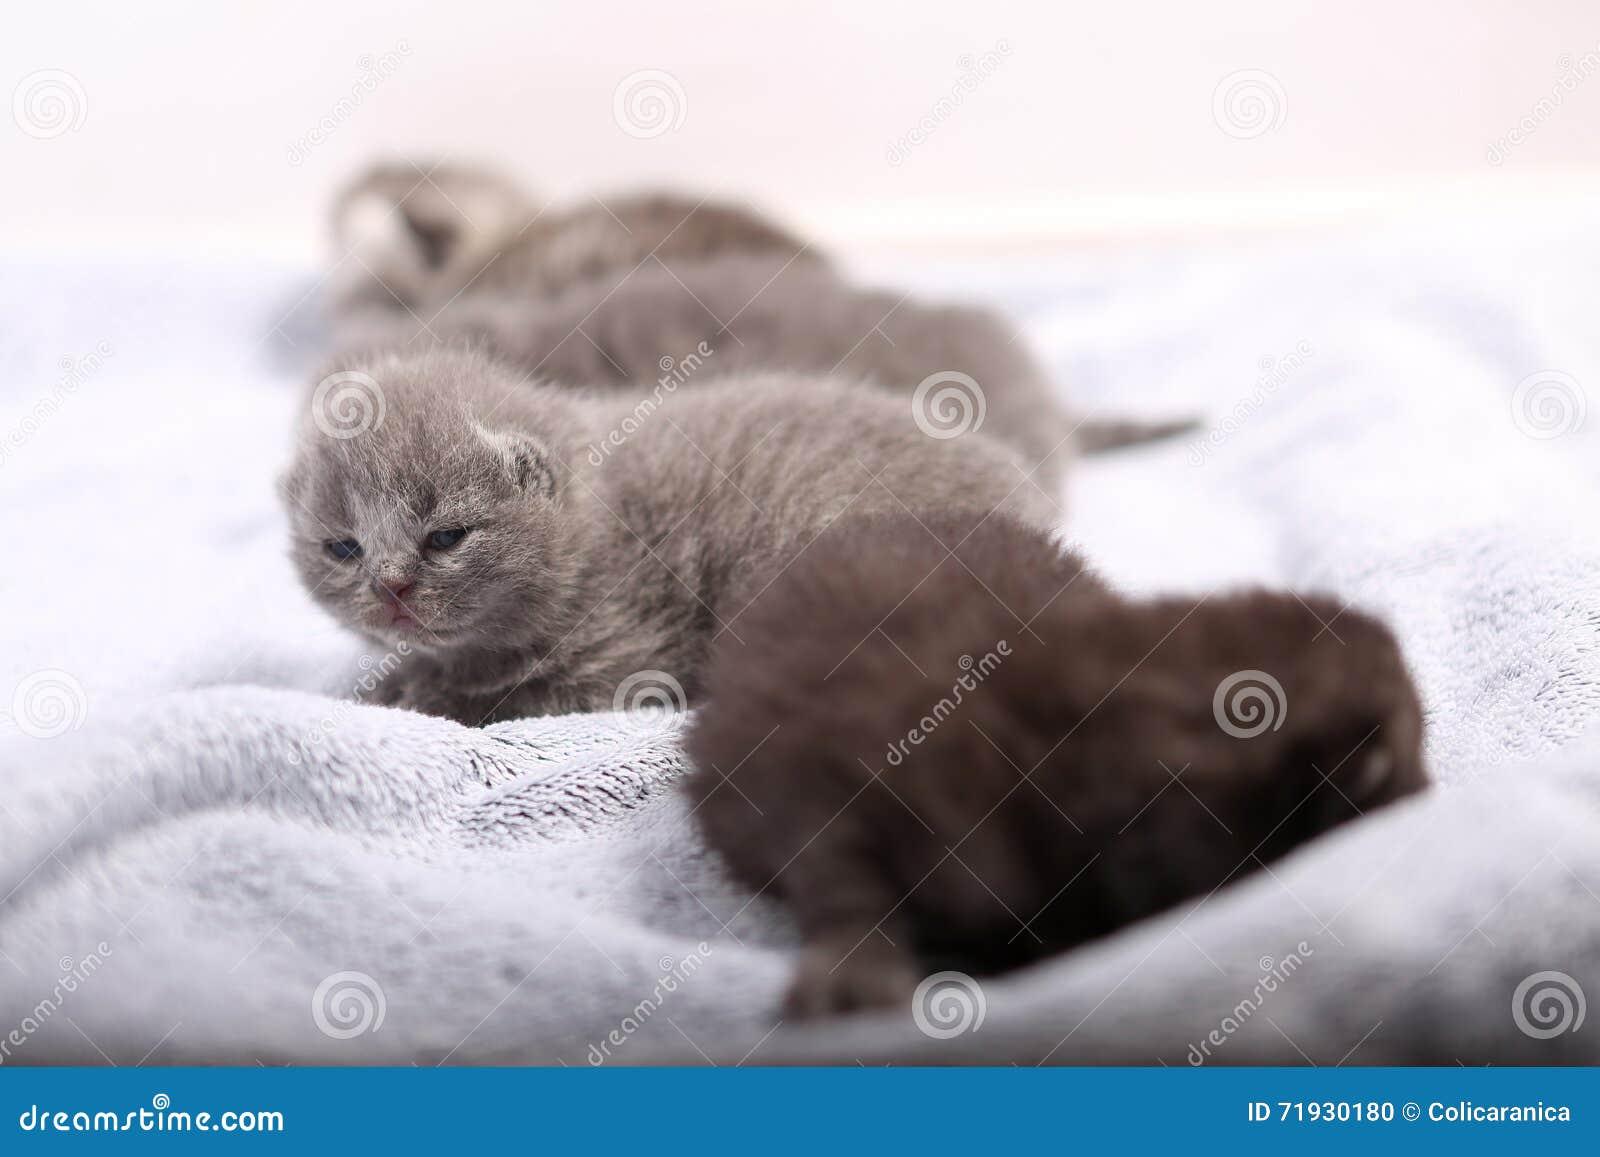 Котята новорожденного, первый день жизни